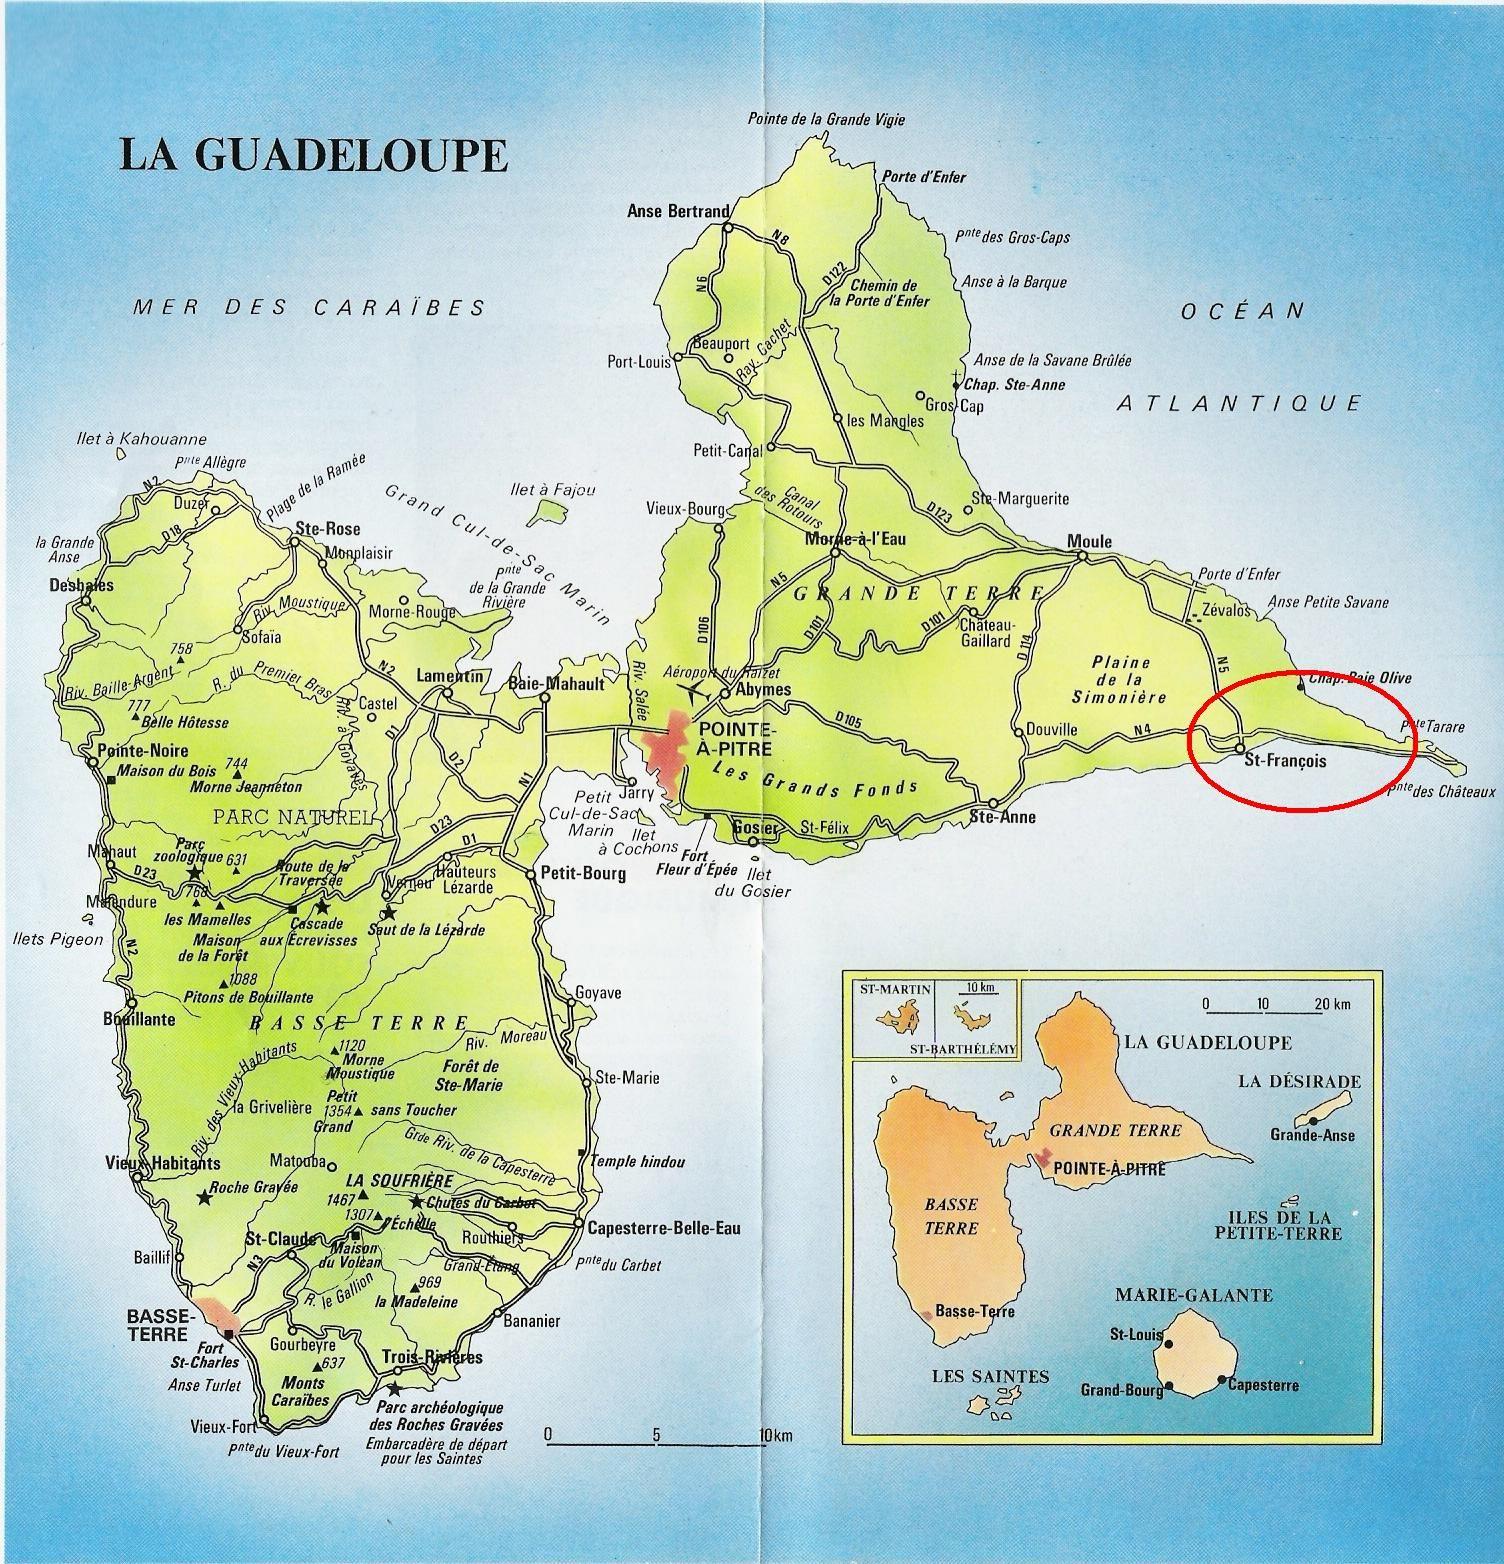 Carte Du Monde Guadeloupe.Carte Routiere De La Guadeloupe Carte Du Monde